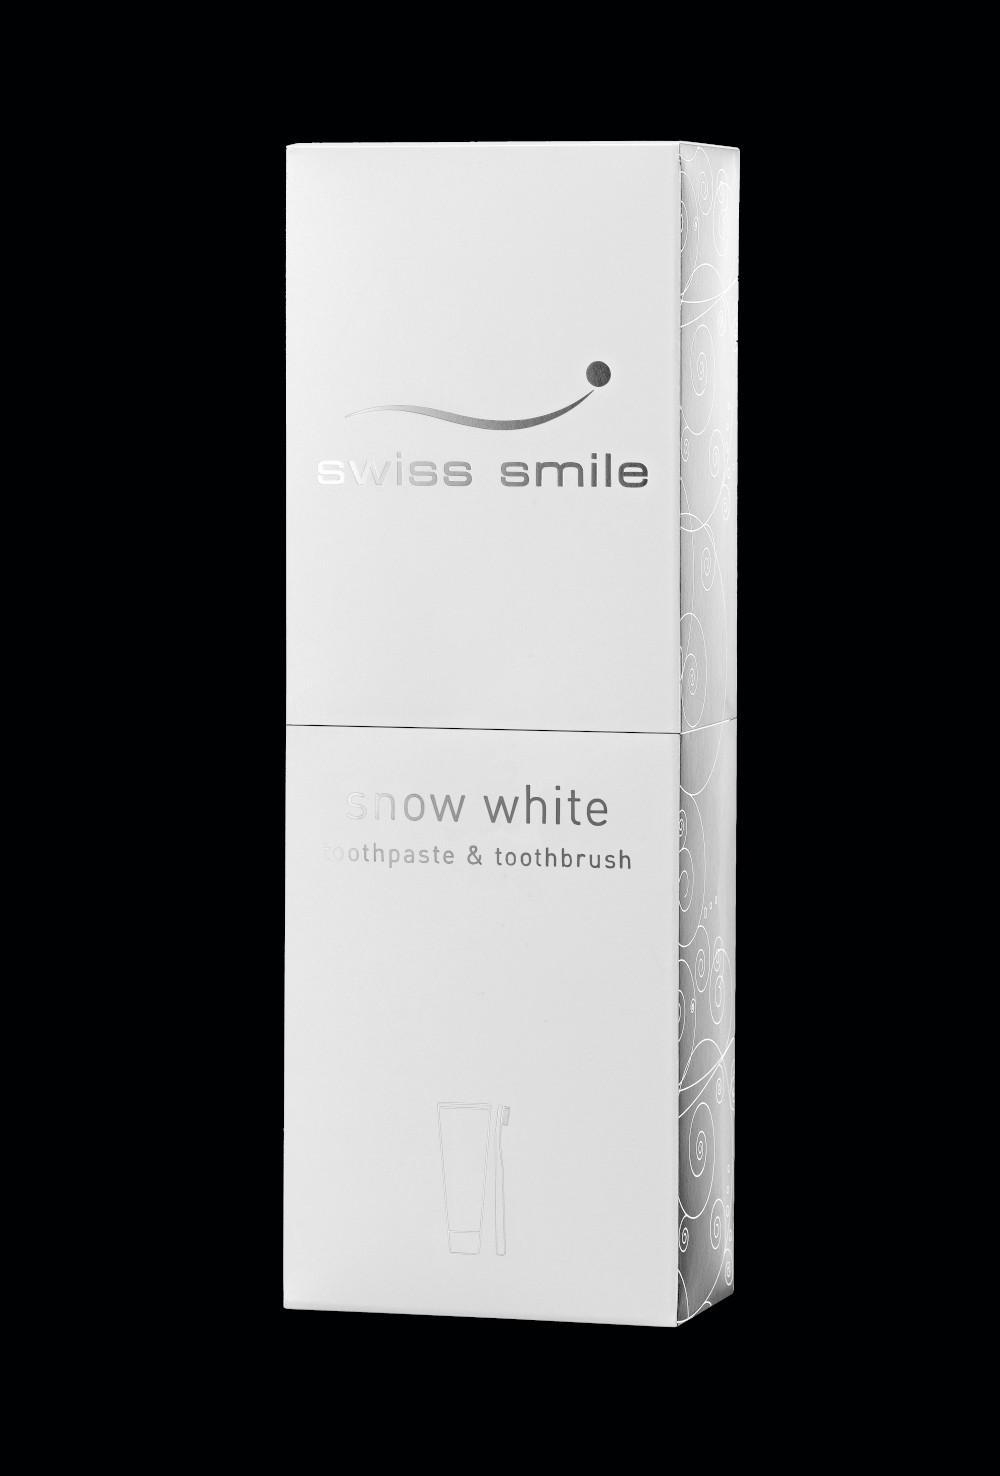 negru 91600009 snow Snow white pasta de dinti